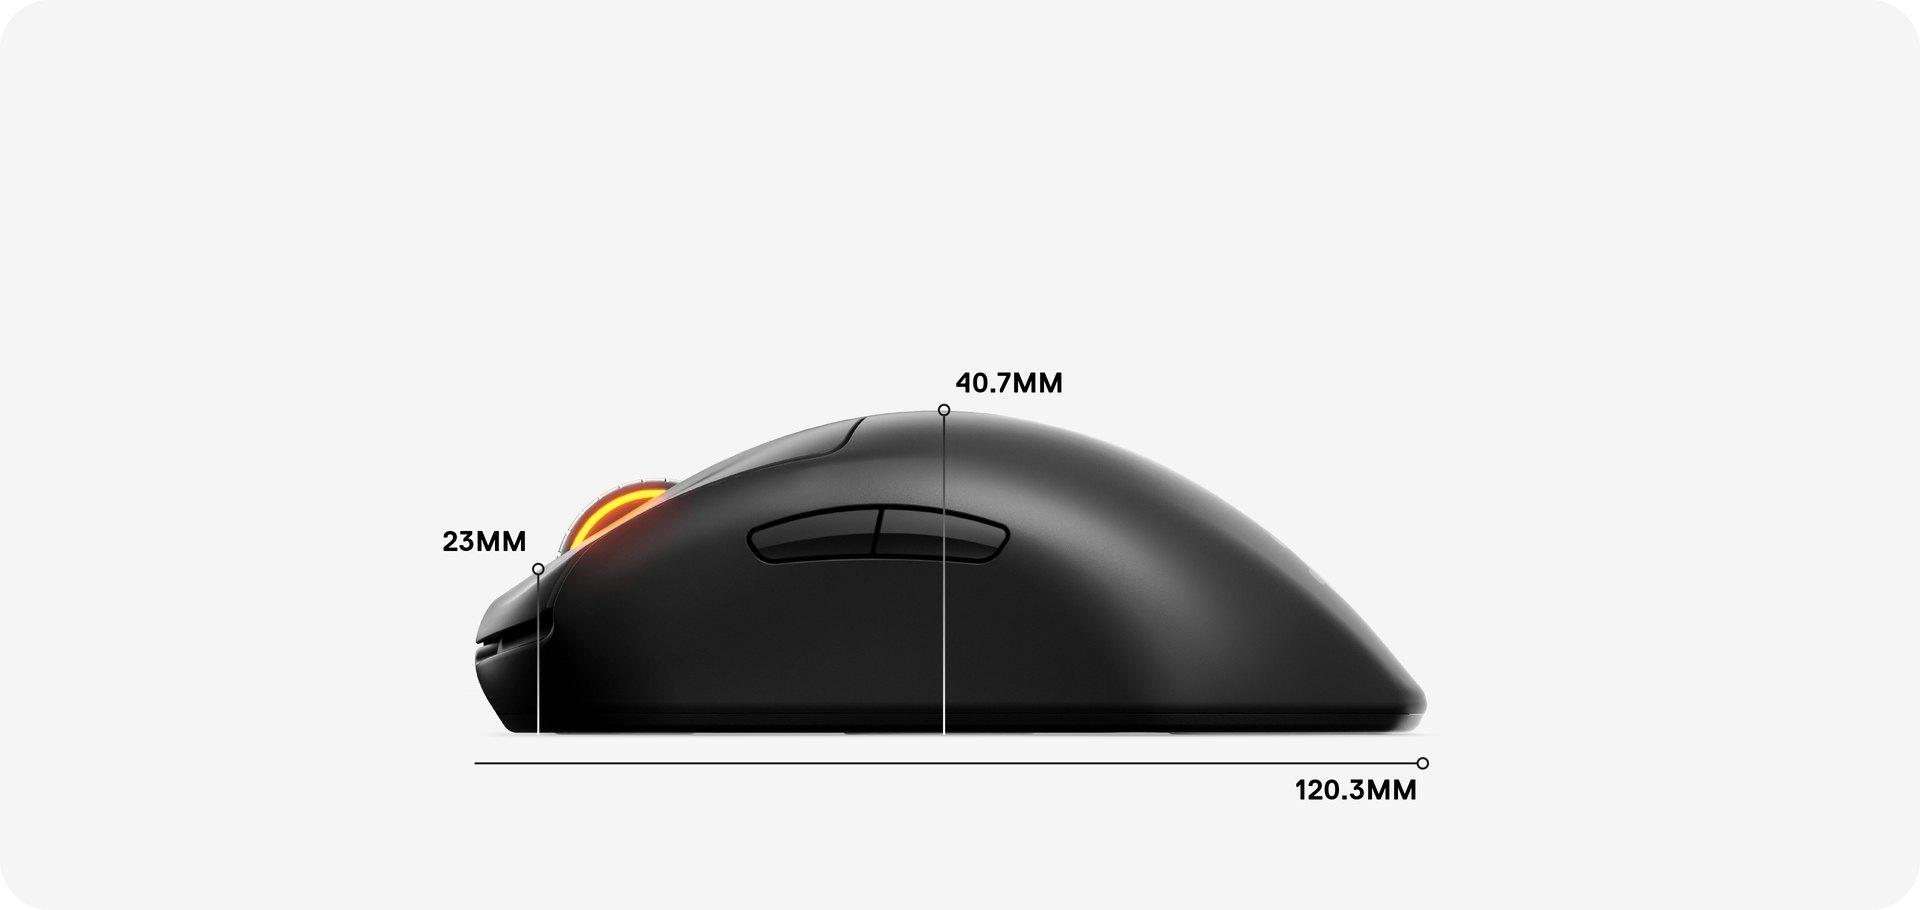 Dimensions de la souris: 120,3mm de longueur, 40,7mm du point d'appui de la paume à la base, et 23mm de la molette de défilement à la base.